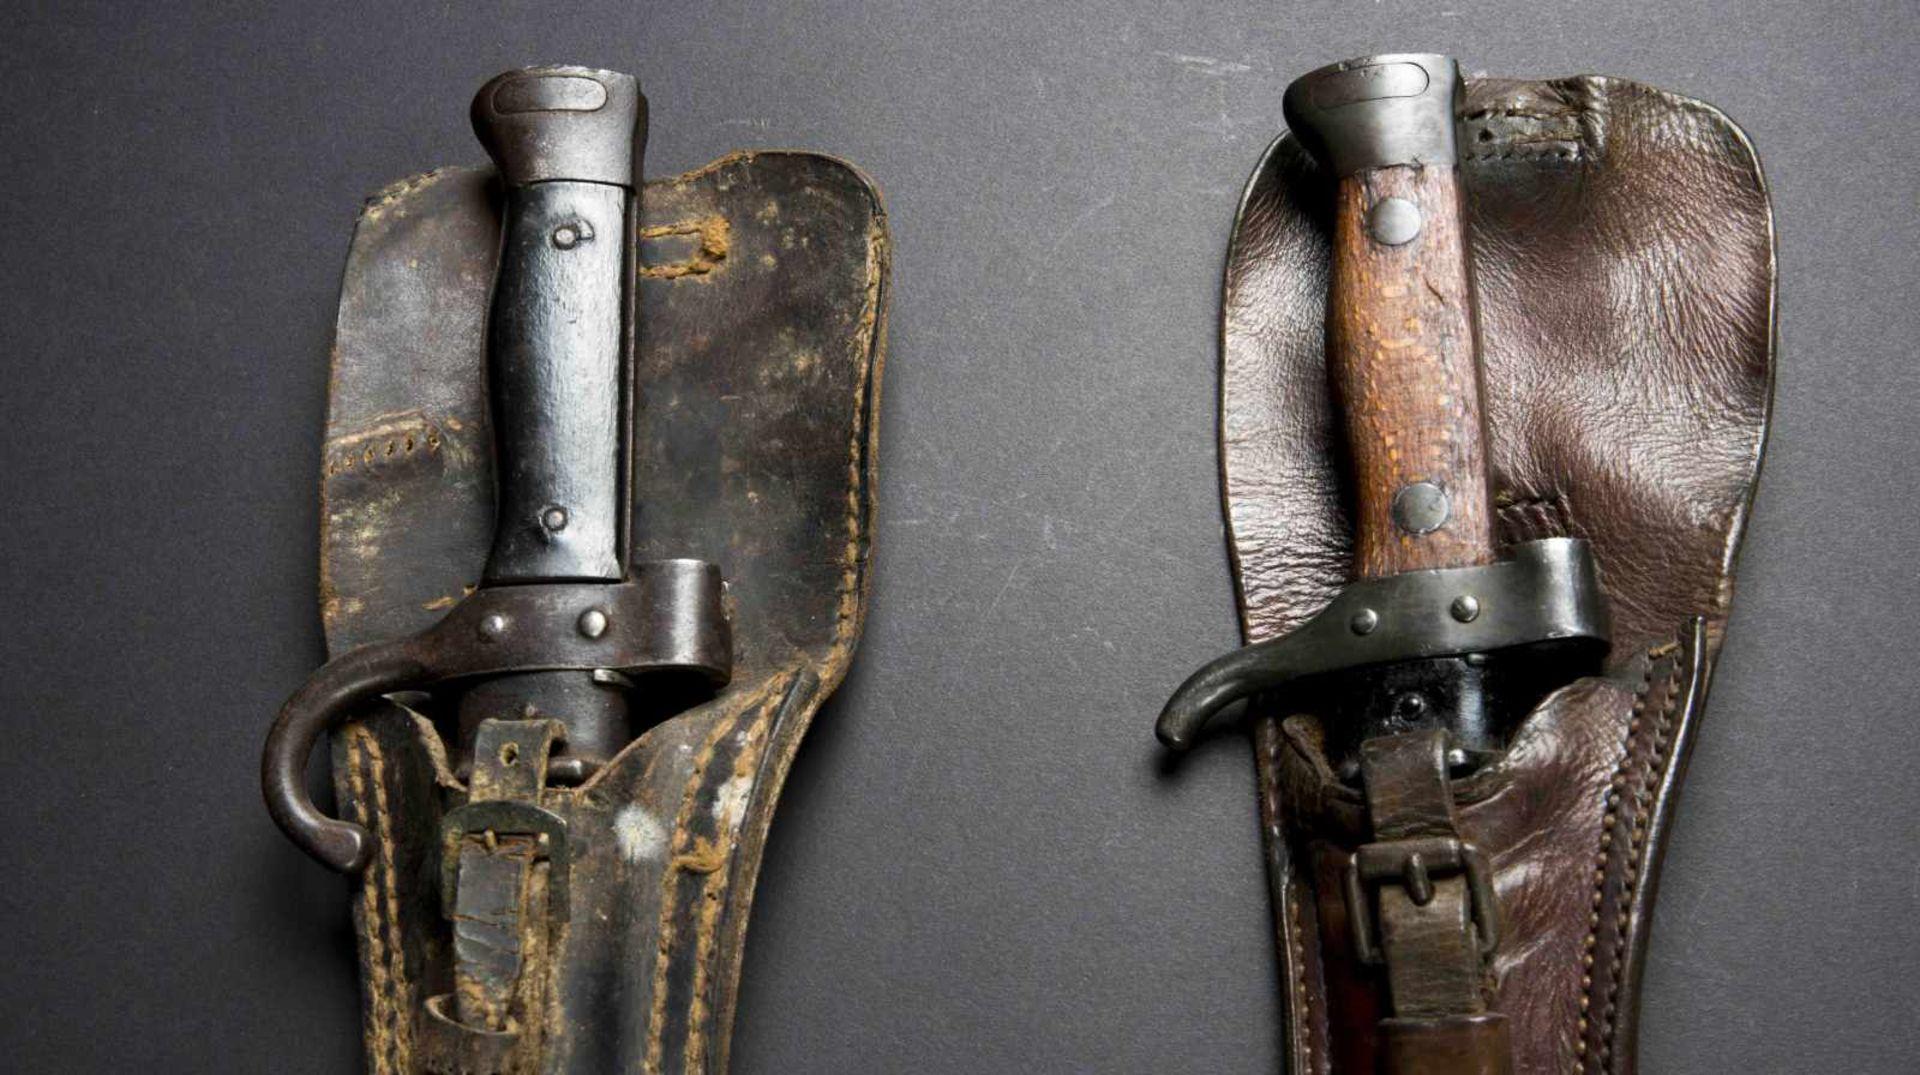 Lot de deux baïonnettes, modèle 1892 et modèle 1892/1915 pour mousqueton (état moyen). Porte-épées - Bild 4 aus 4